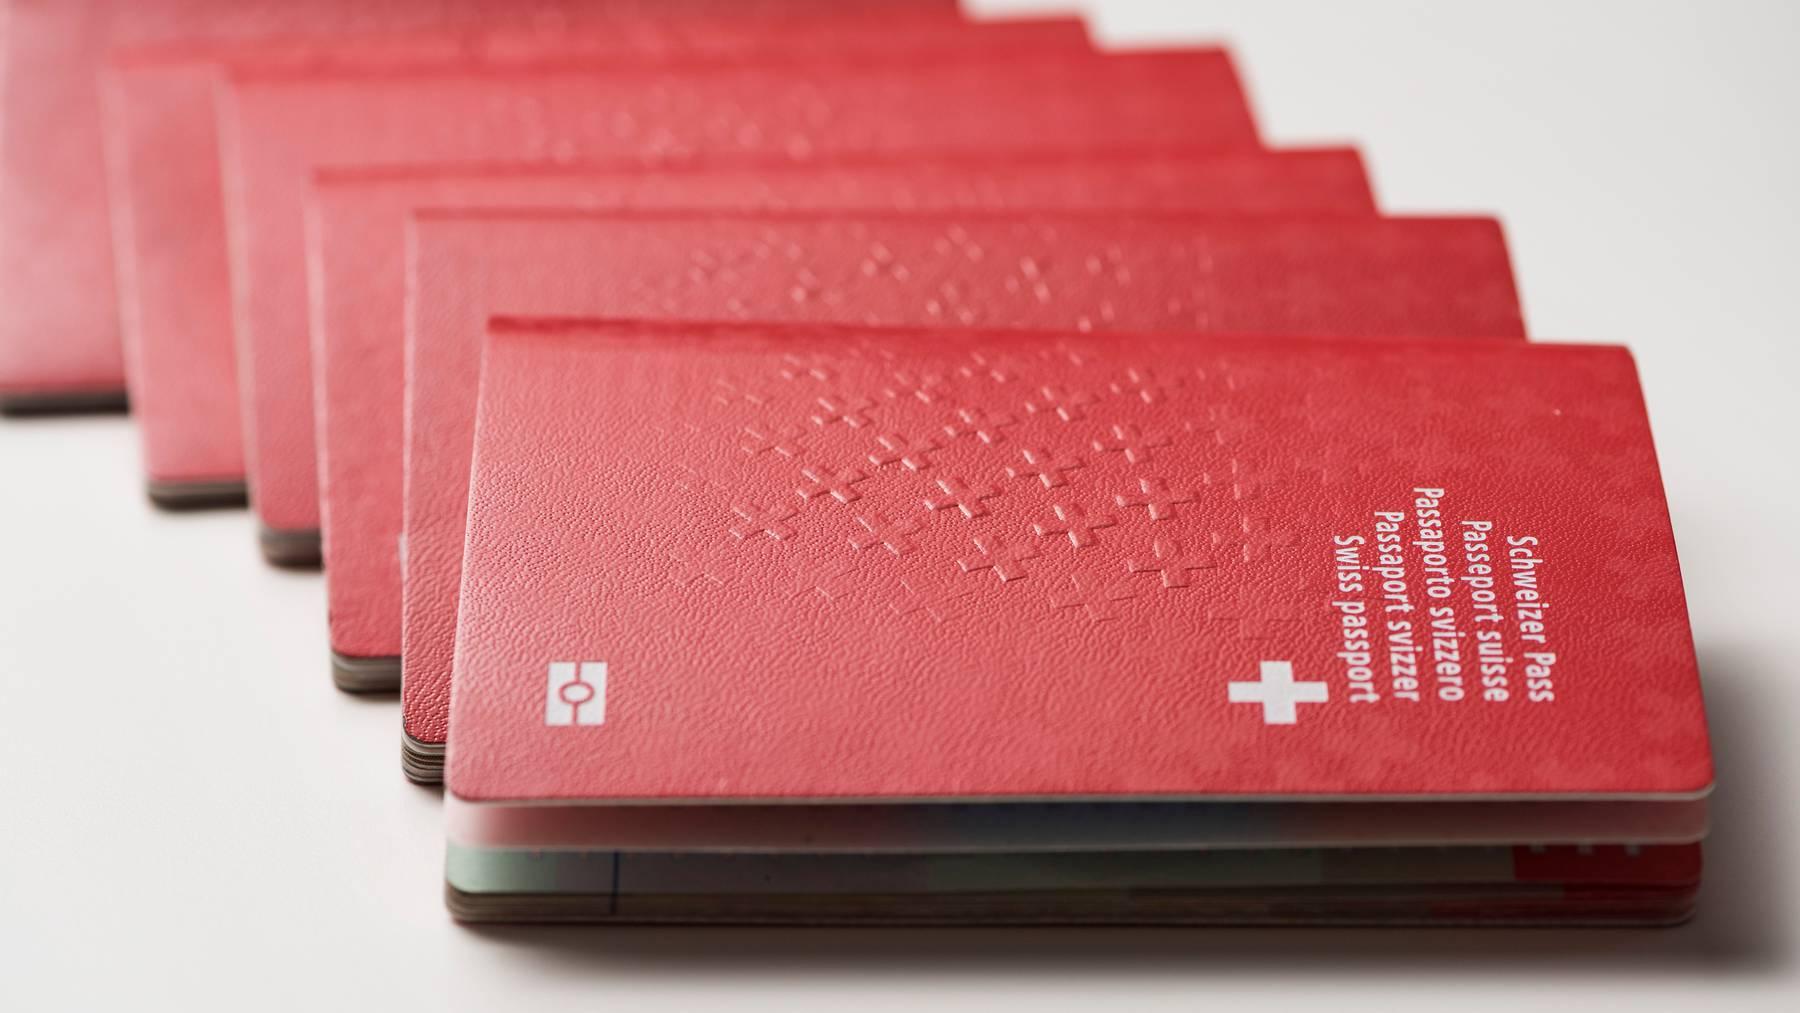 37 Prozent der Personen mit Migrationshintergrund hat die Schweizer Staatsbürgerschaft.